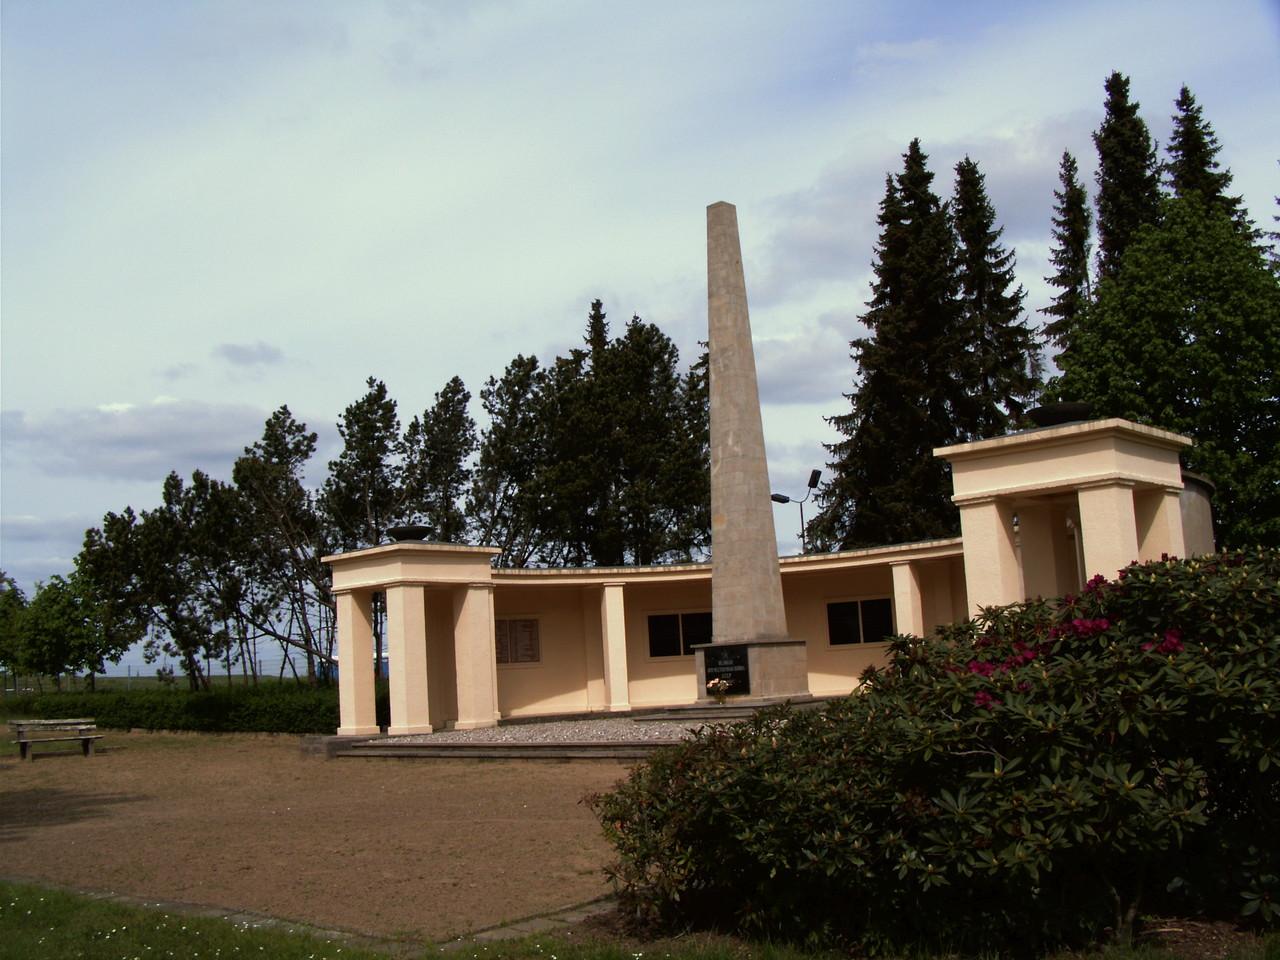 Auf dem Friedhof haben 545 sowjetische Soldaten und Offiziere  ihre Ruhestätte gefunden.